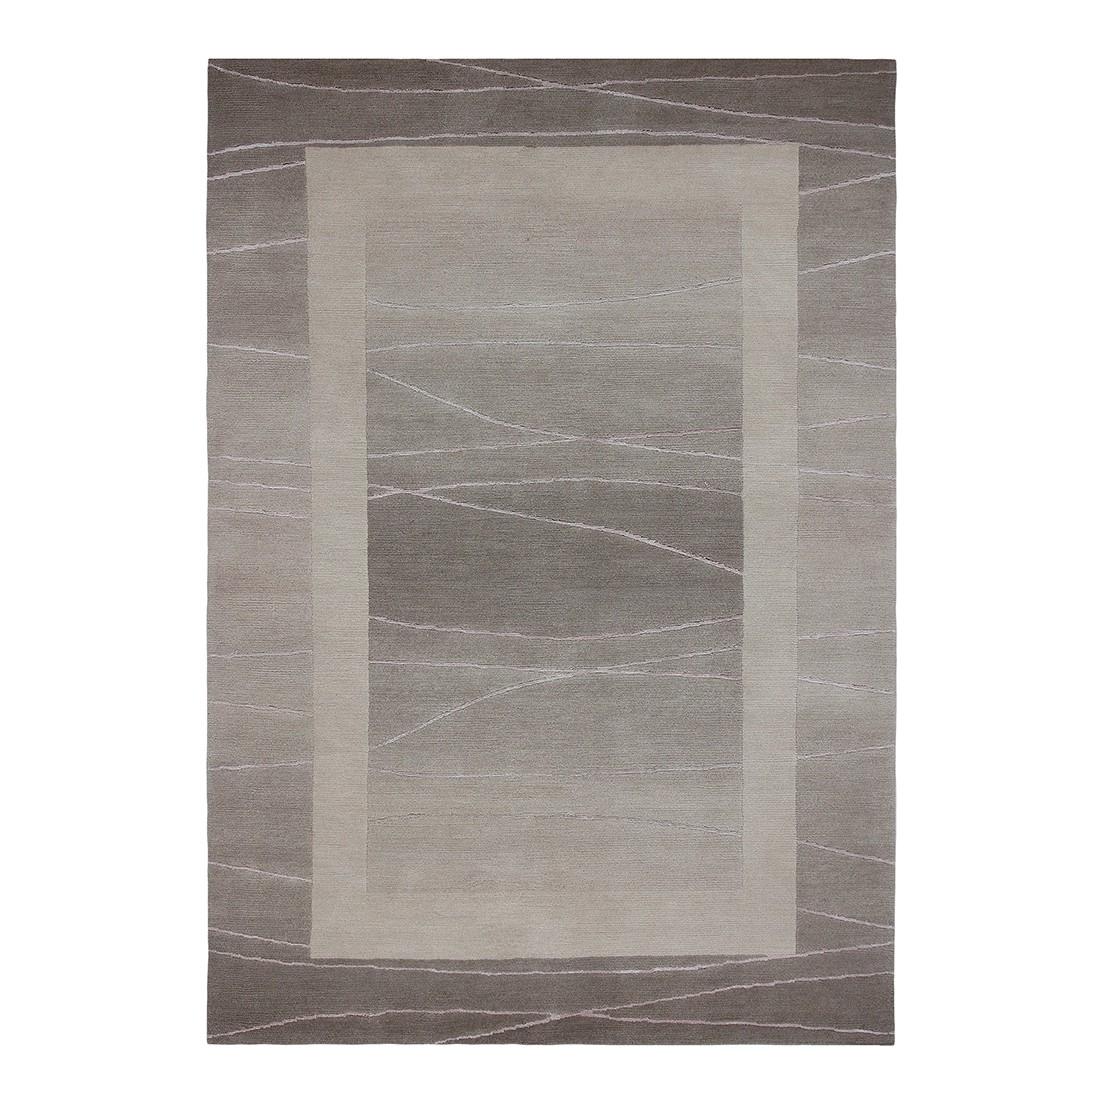 Teppich Linea – Wolle/ Sand – 200 cm x 300 cm, Luxor living günstig online kaufen